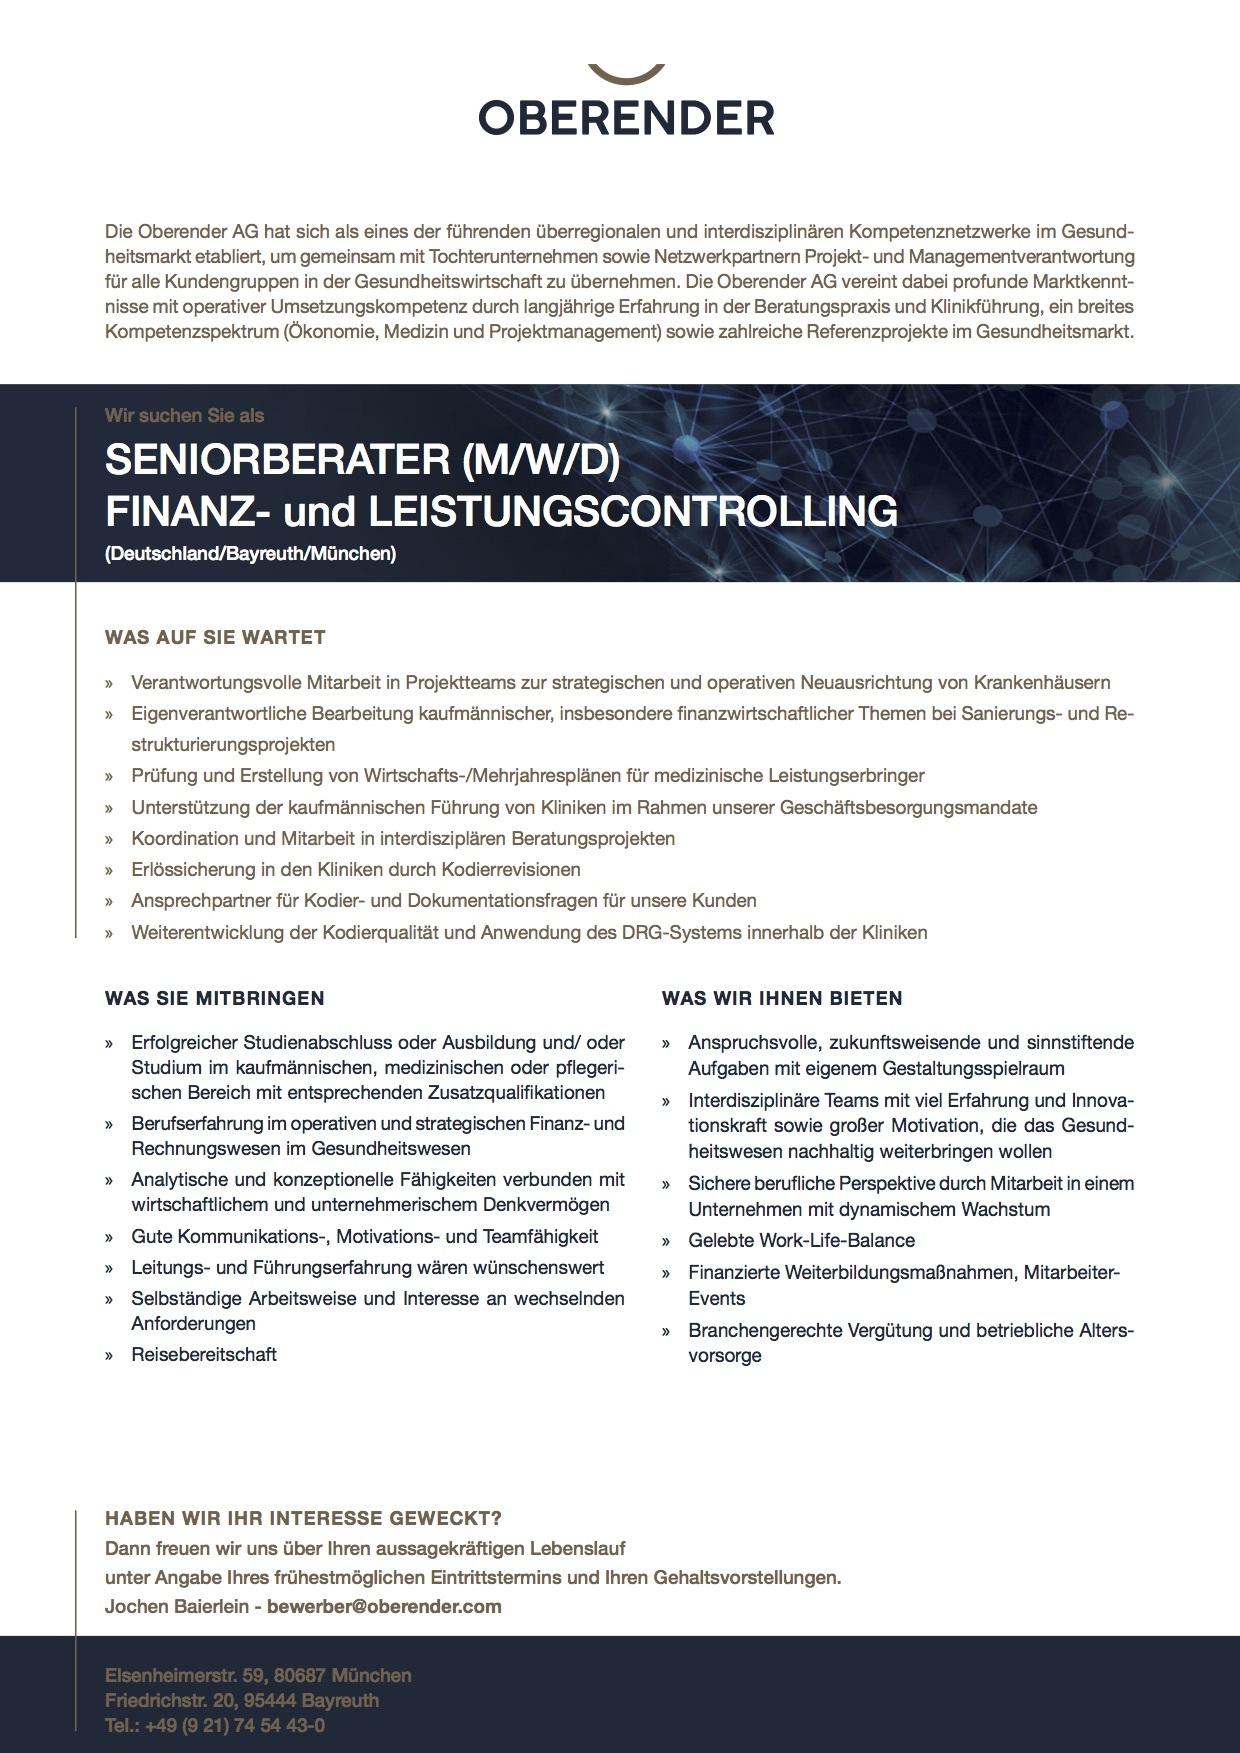 SENIORBERATER (M/W/D) FINANZ- und LEISTUNGSCONTROLLING